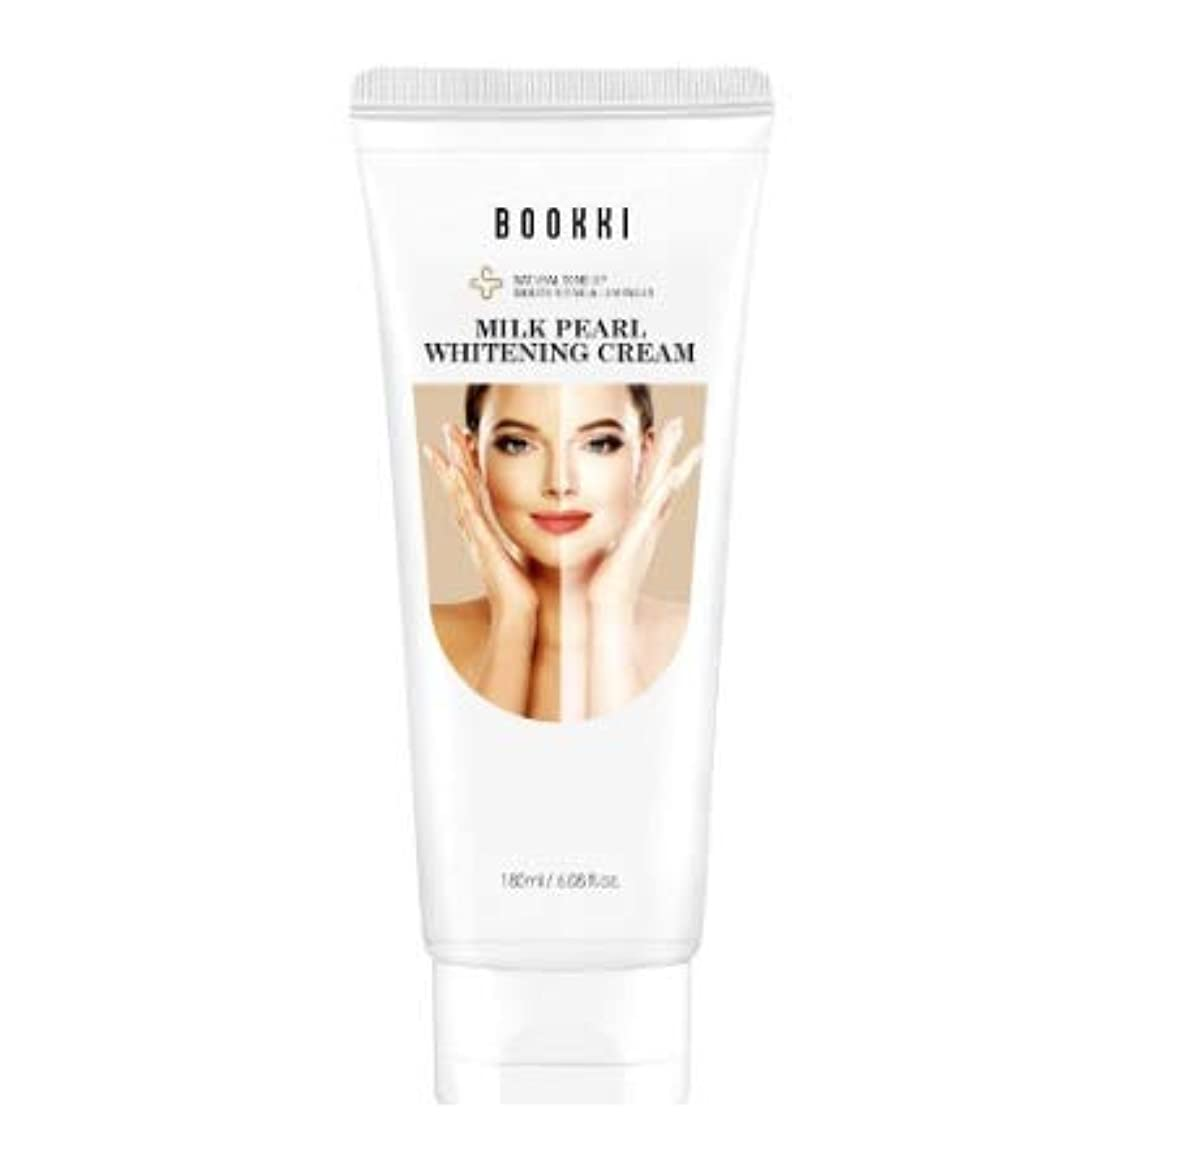 多様体接続バクテリアミルク·パール·ホワイトニング·クリーム (180ml) 美白 美顔 美容 ホワイトニング